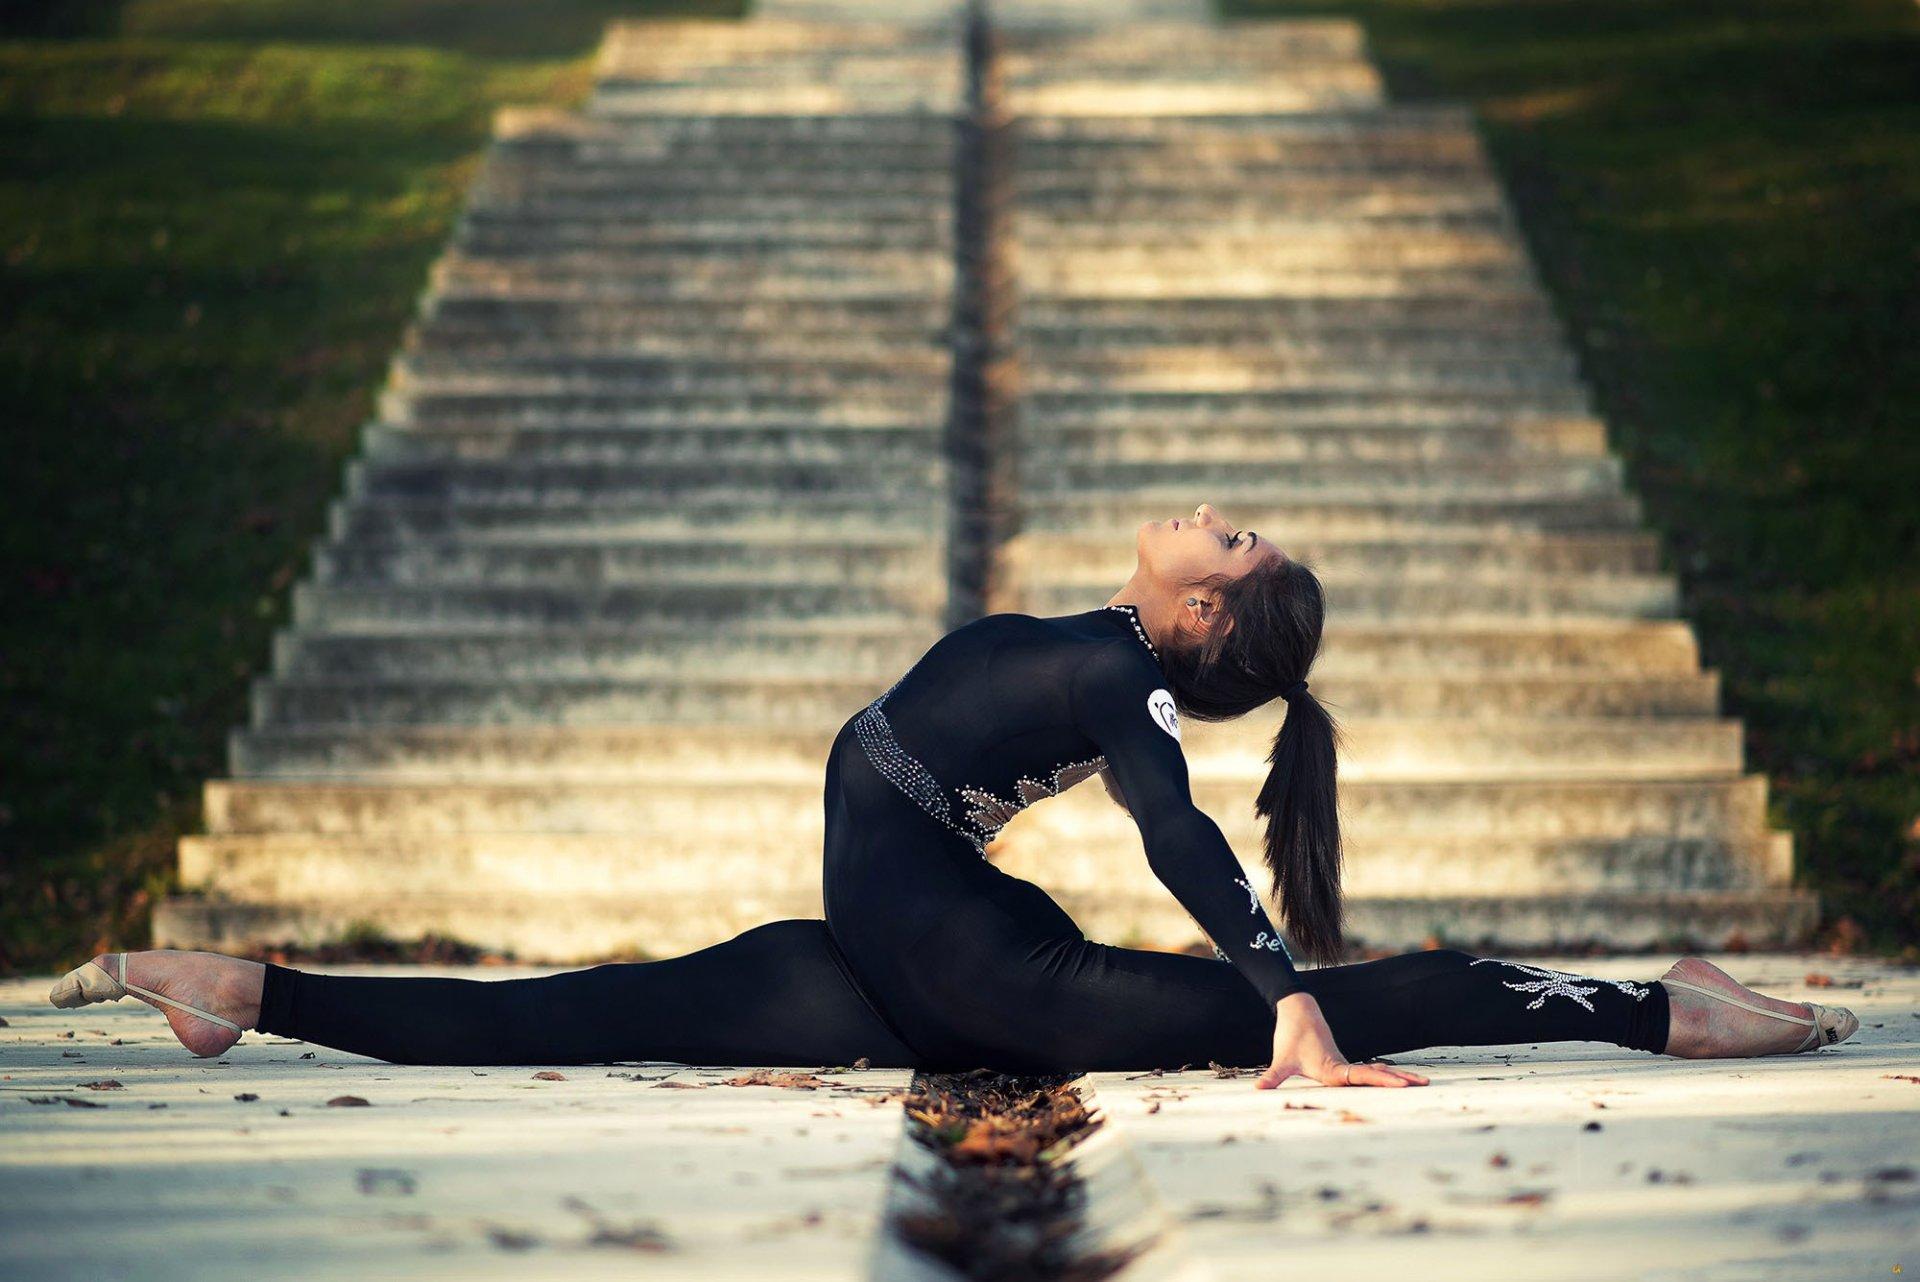 Фото девушек в стойке мостик, Фото подборка эротики как голые девушки делают мостик 26 фотография